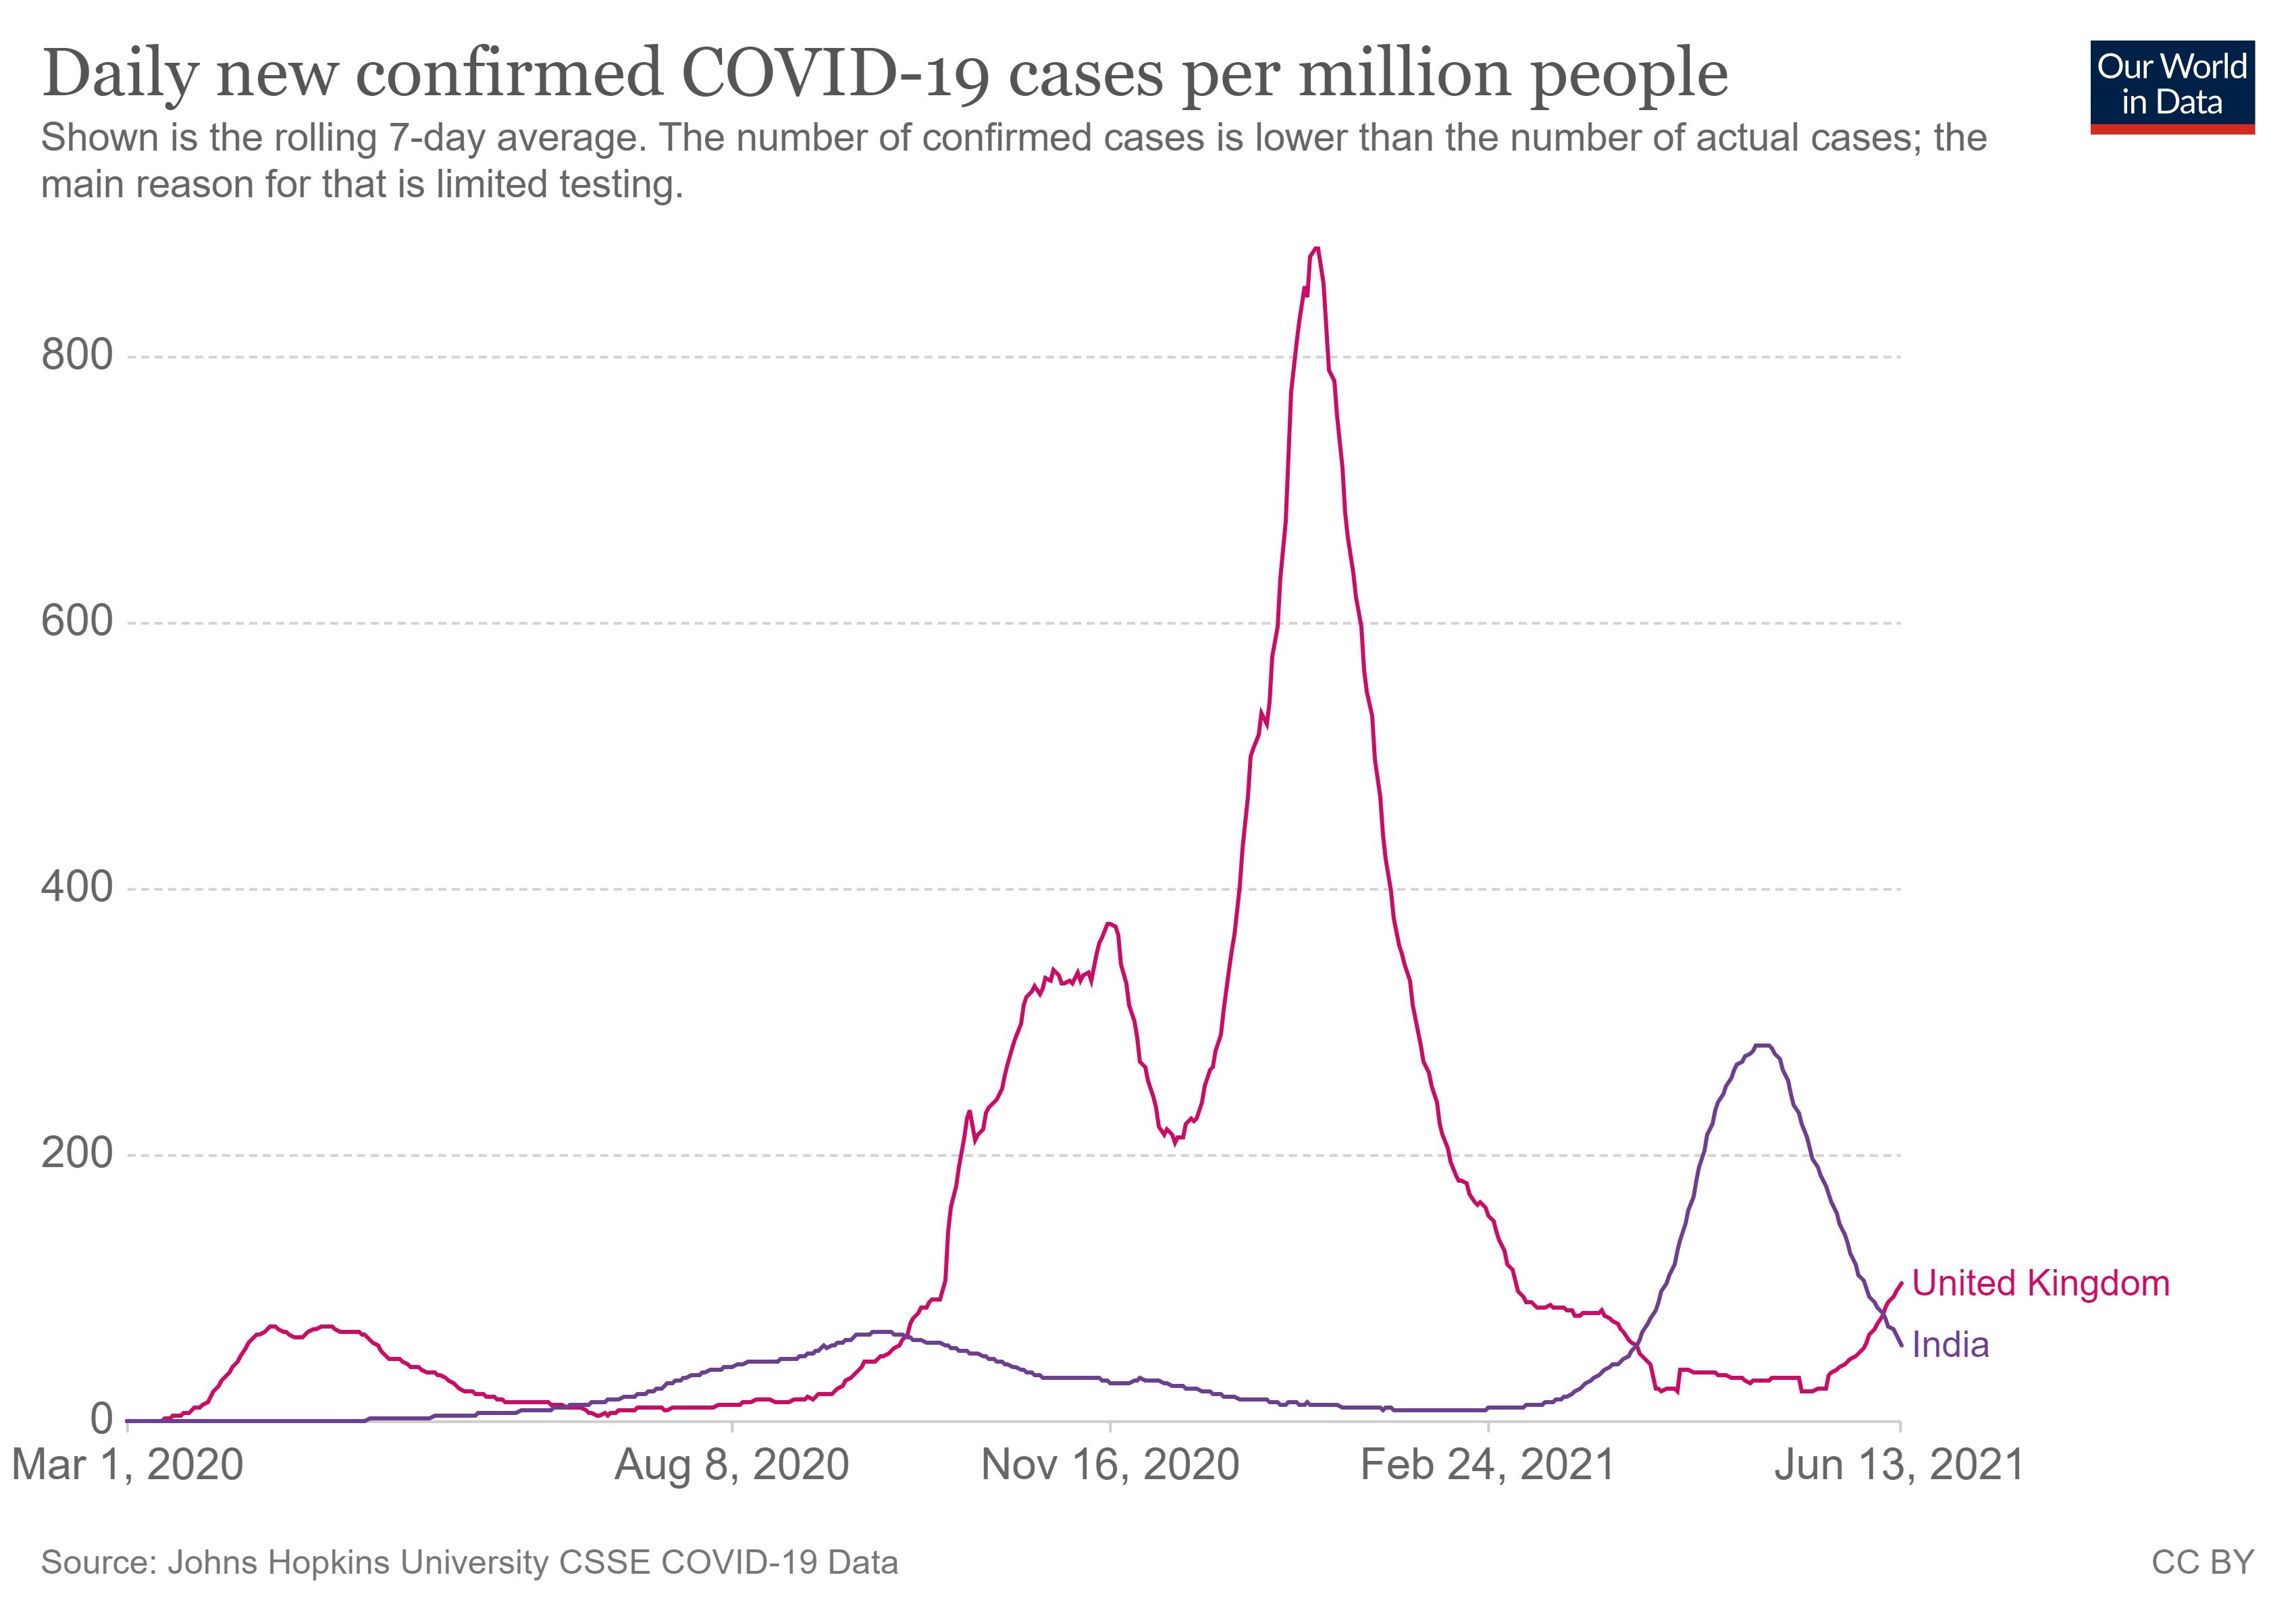 coronavirus-data-explorer (4).png